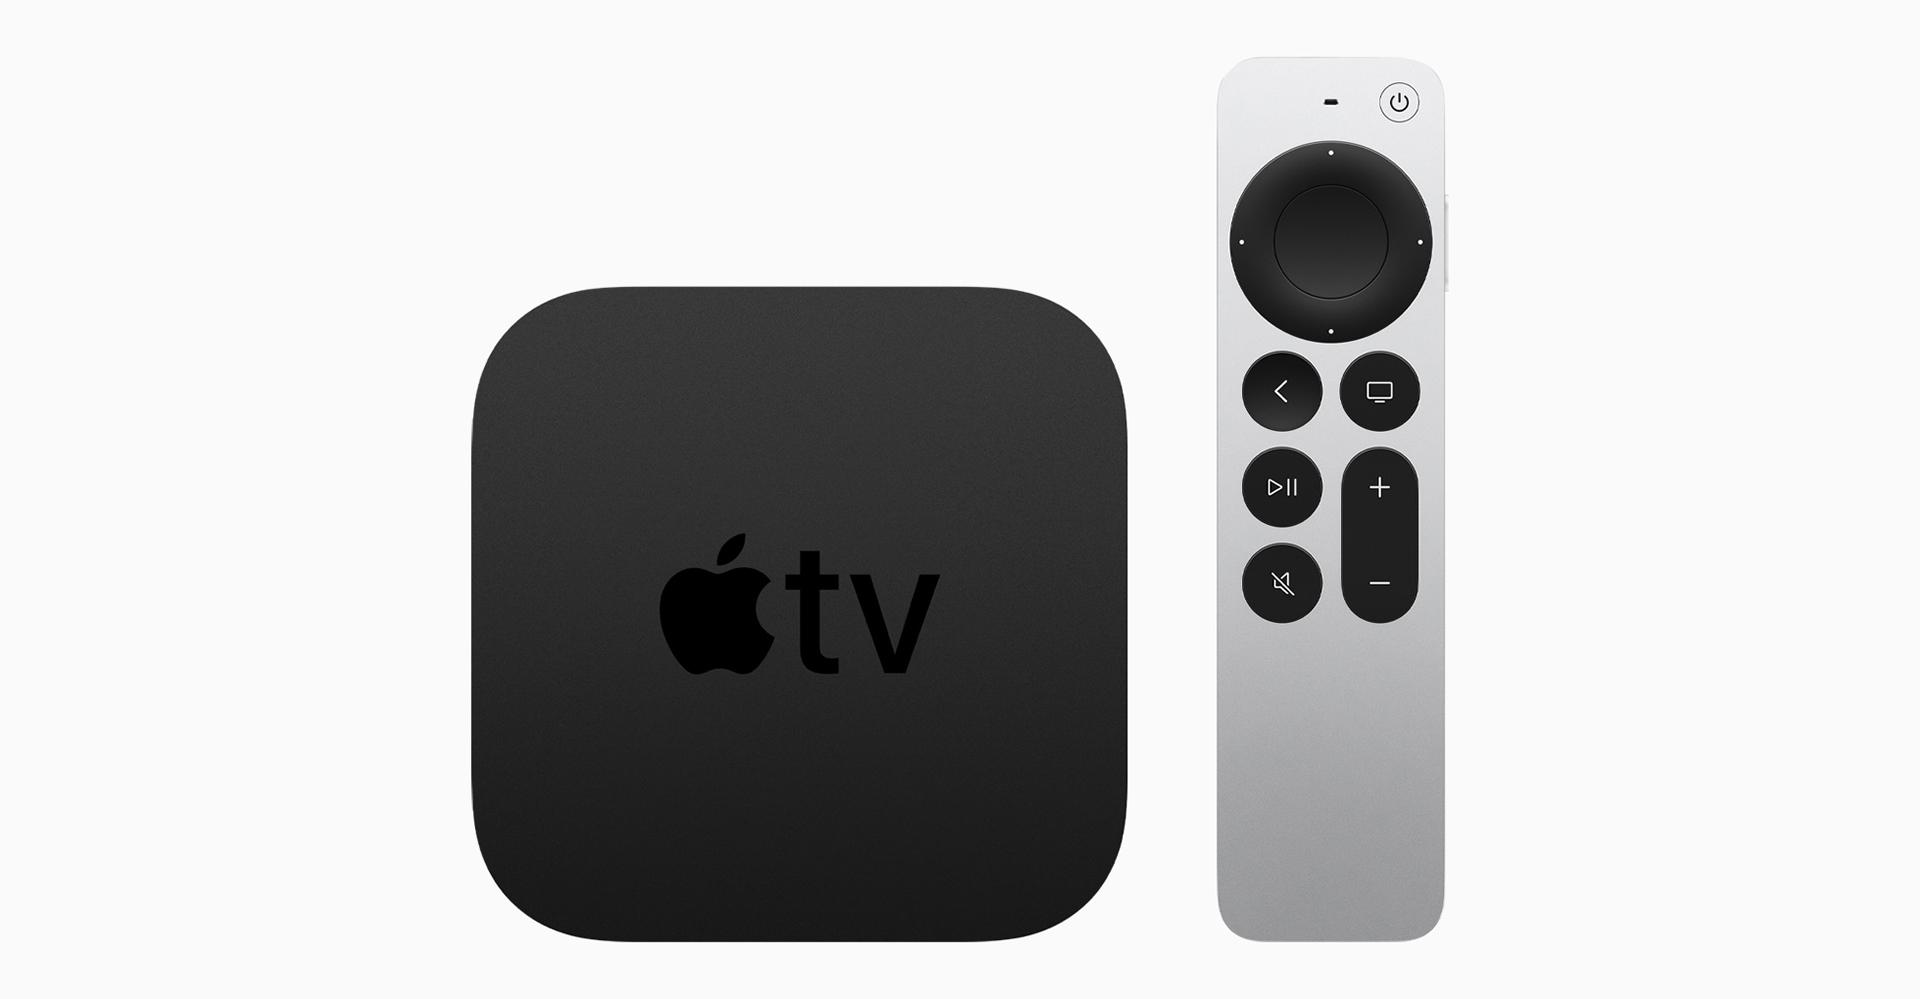 Apple TV 4K 2021 und Siri Remote 2